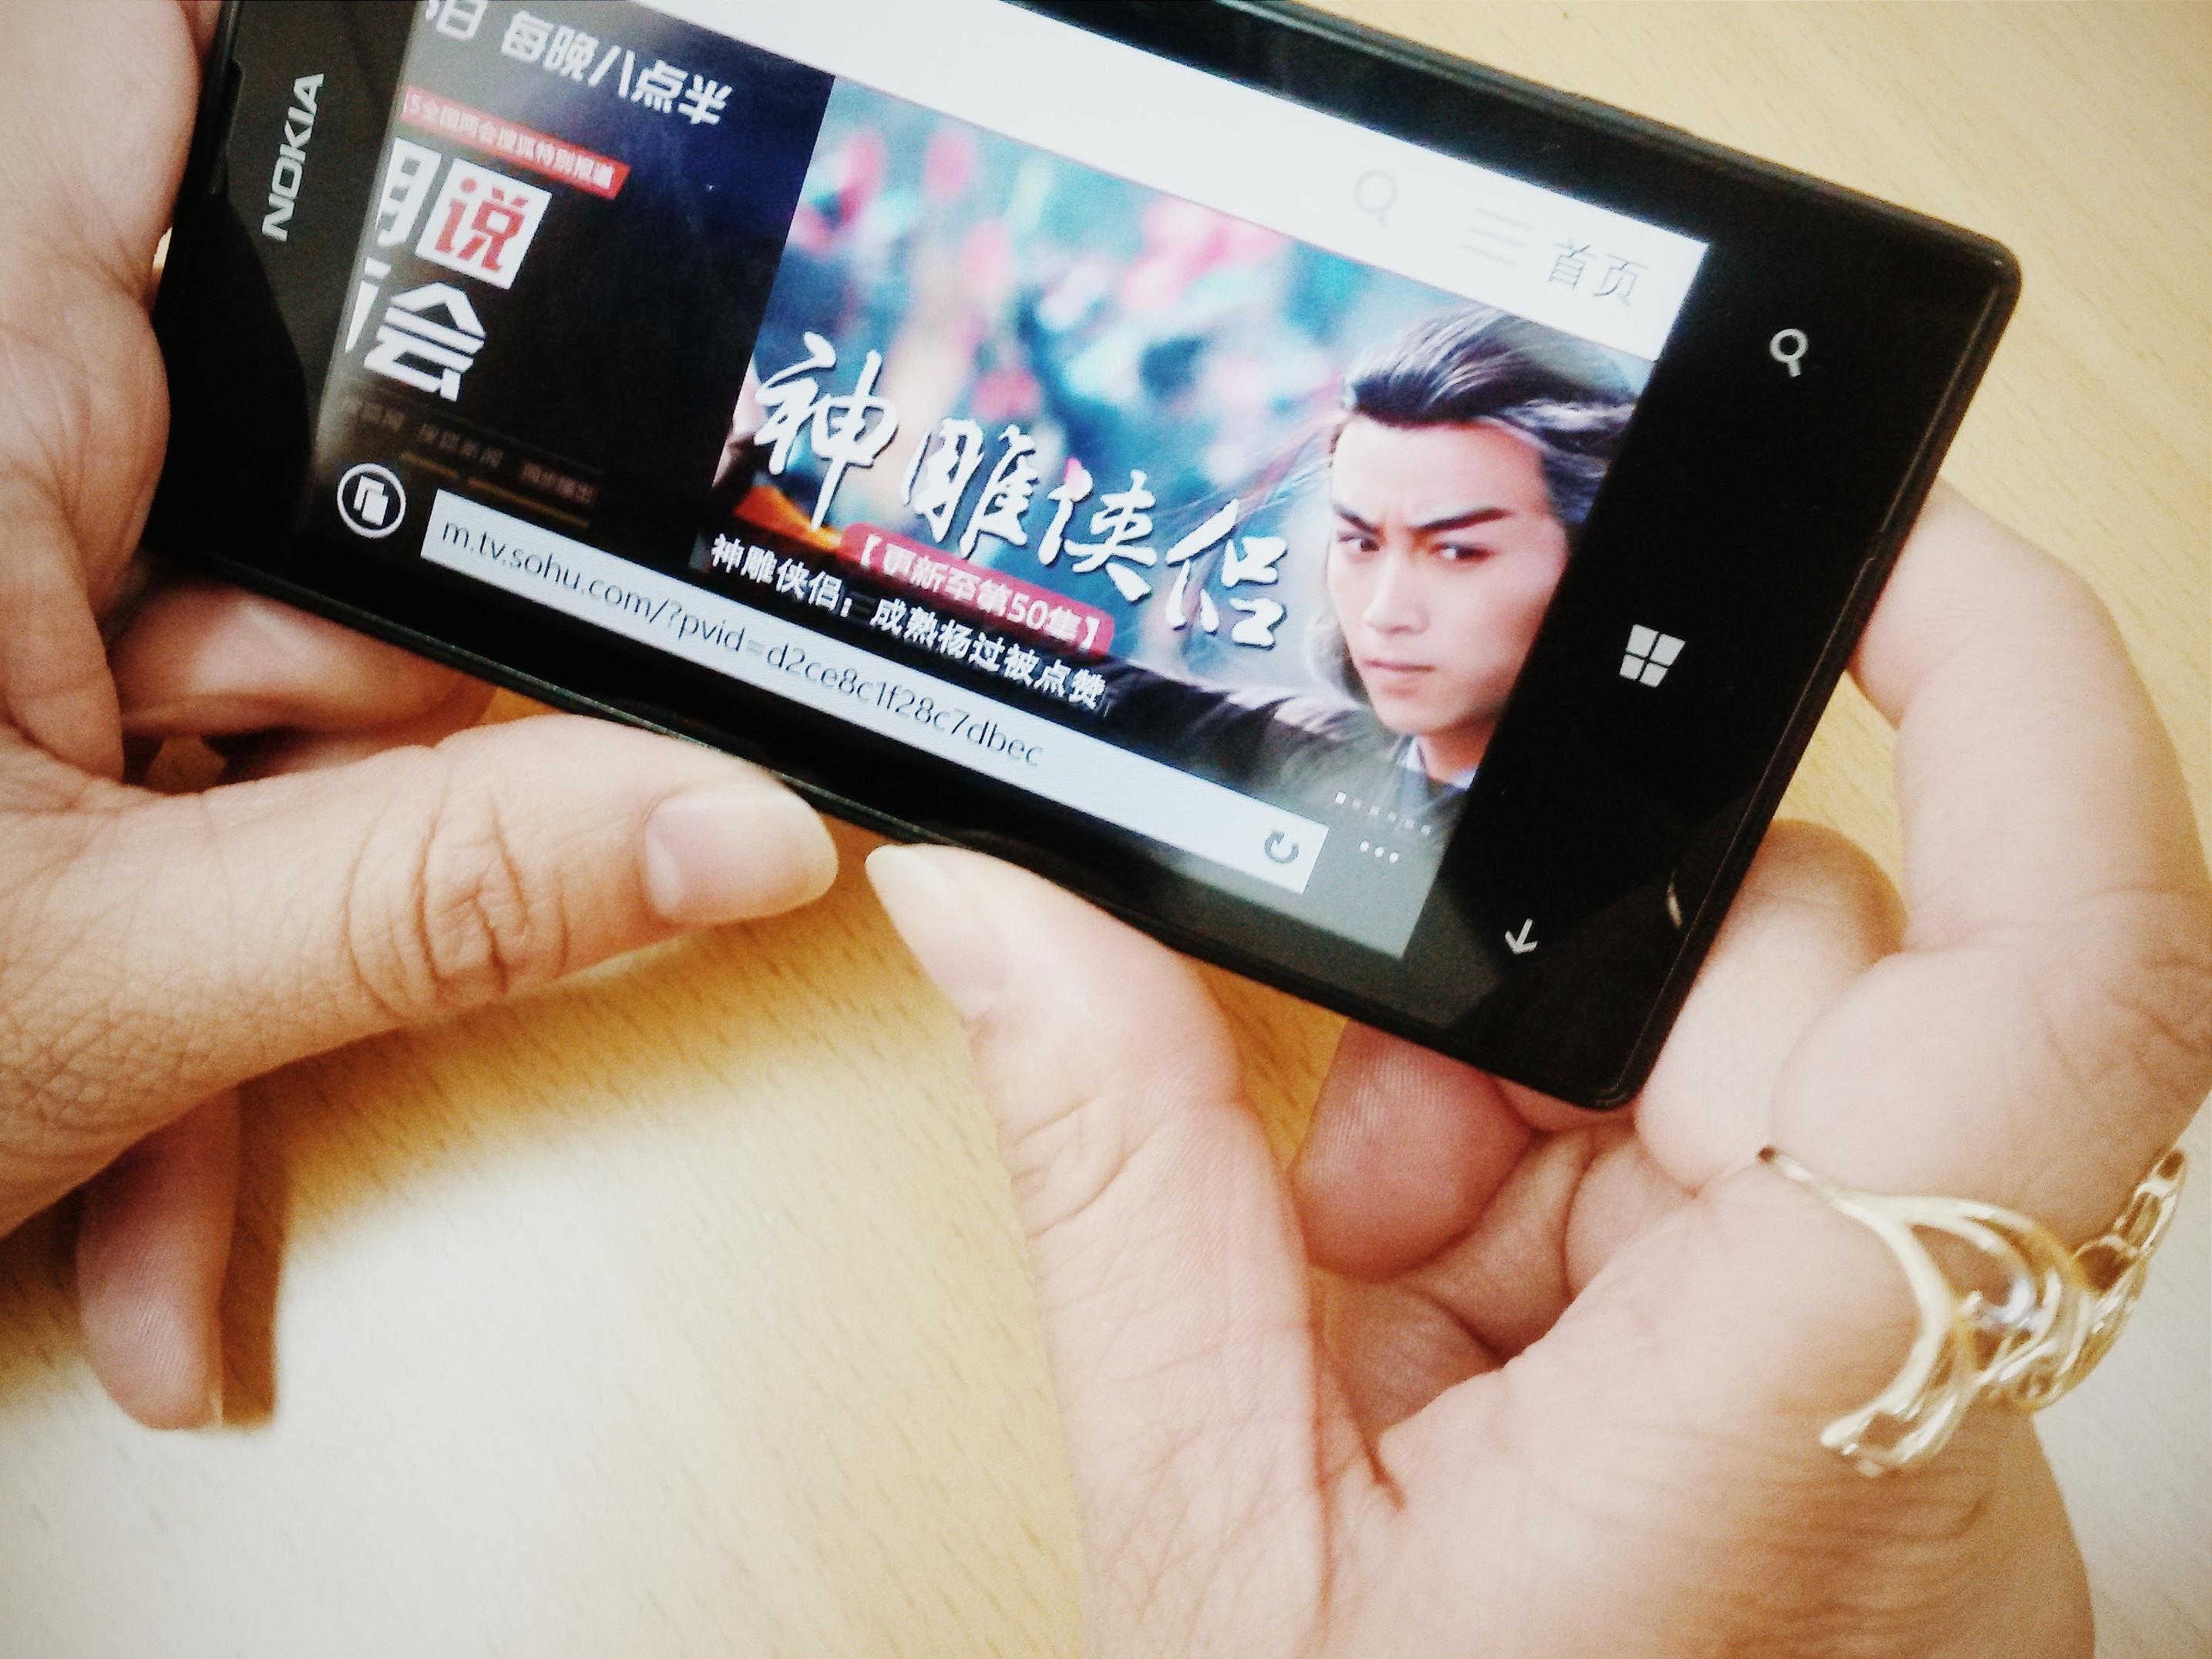 Keskustelun lisäksi kiinalaiset kuluttavat älypuhelimillaan viihdettä. Suosittuja tv-sarjoja seurataan puhelimen ruudulta. Kuva: Heta Hassinen